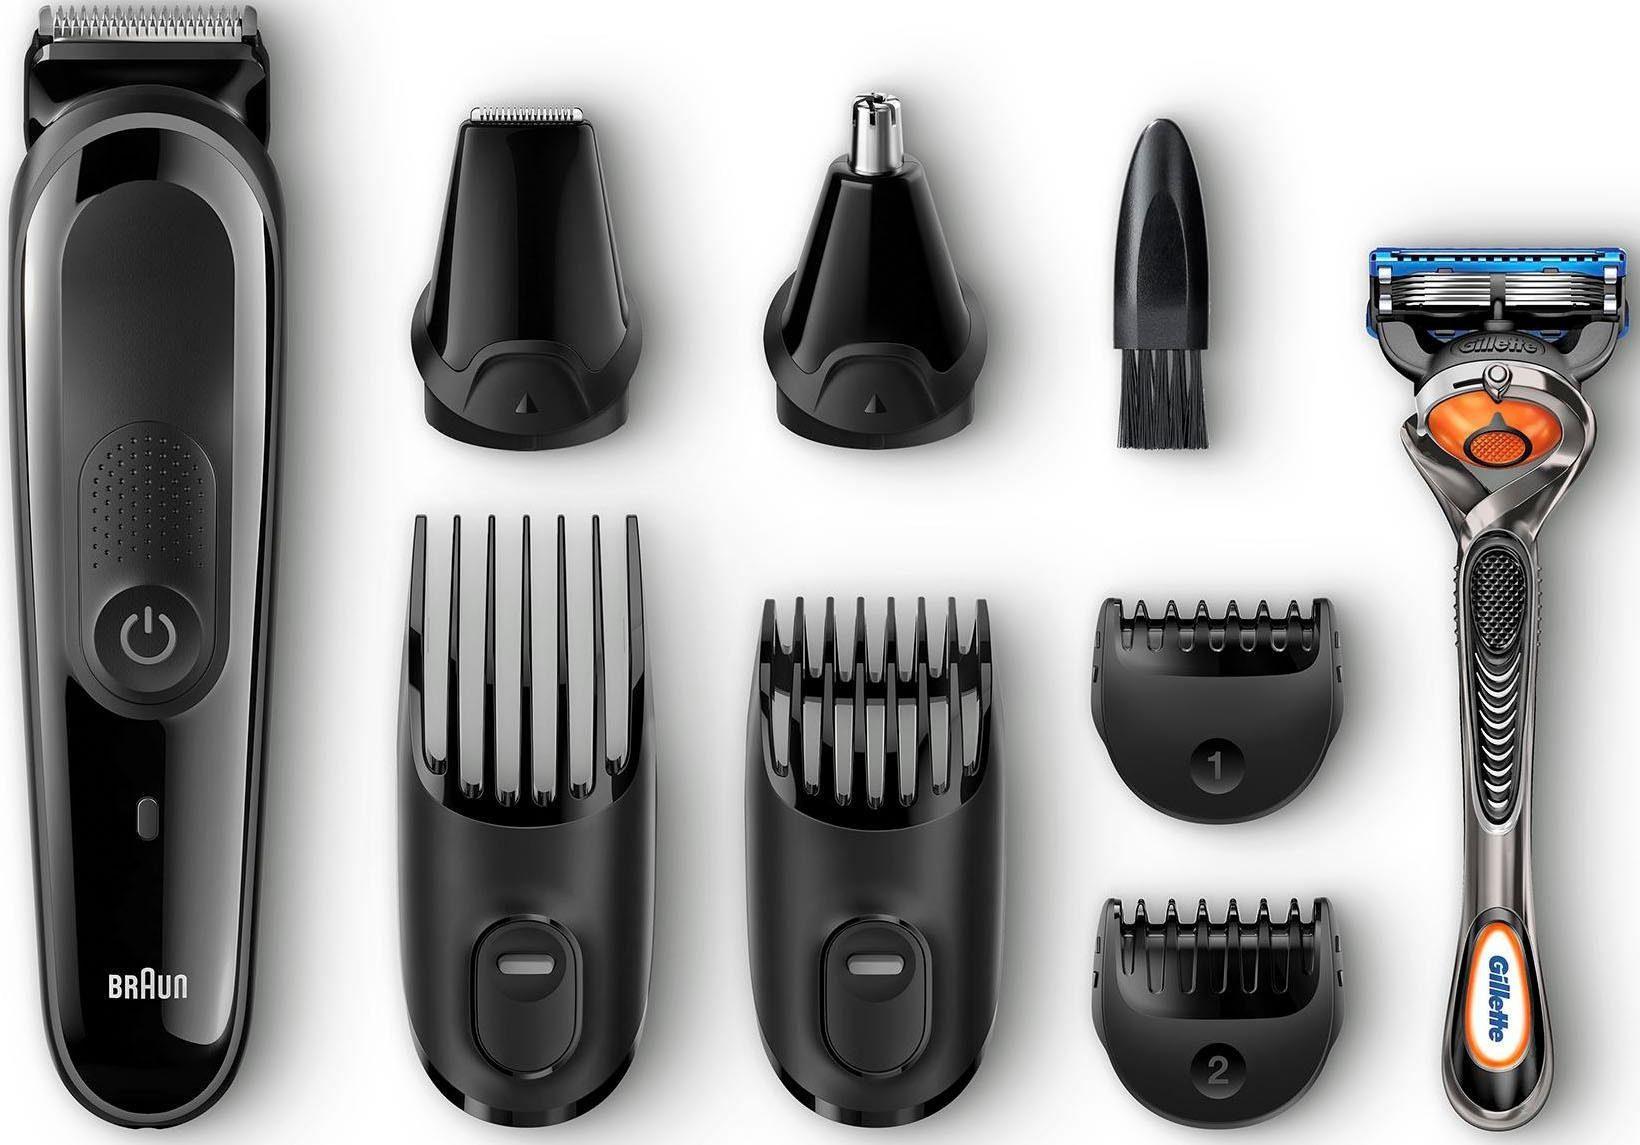 Braun Multigrooming-Set MGK3060, 8-In-1 Präzisionstrimmer für Bart- Und Haarstyling